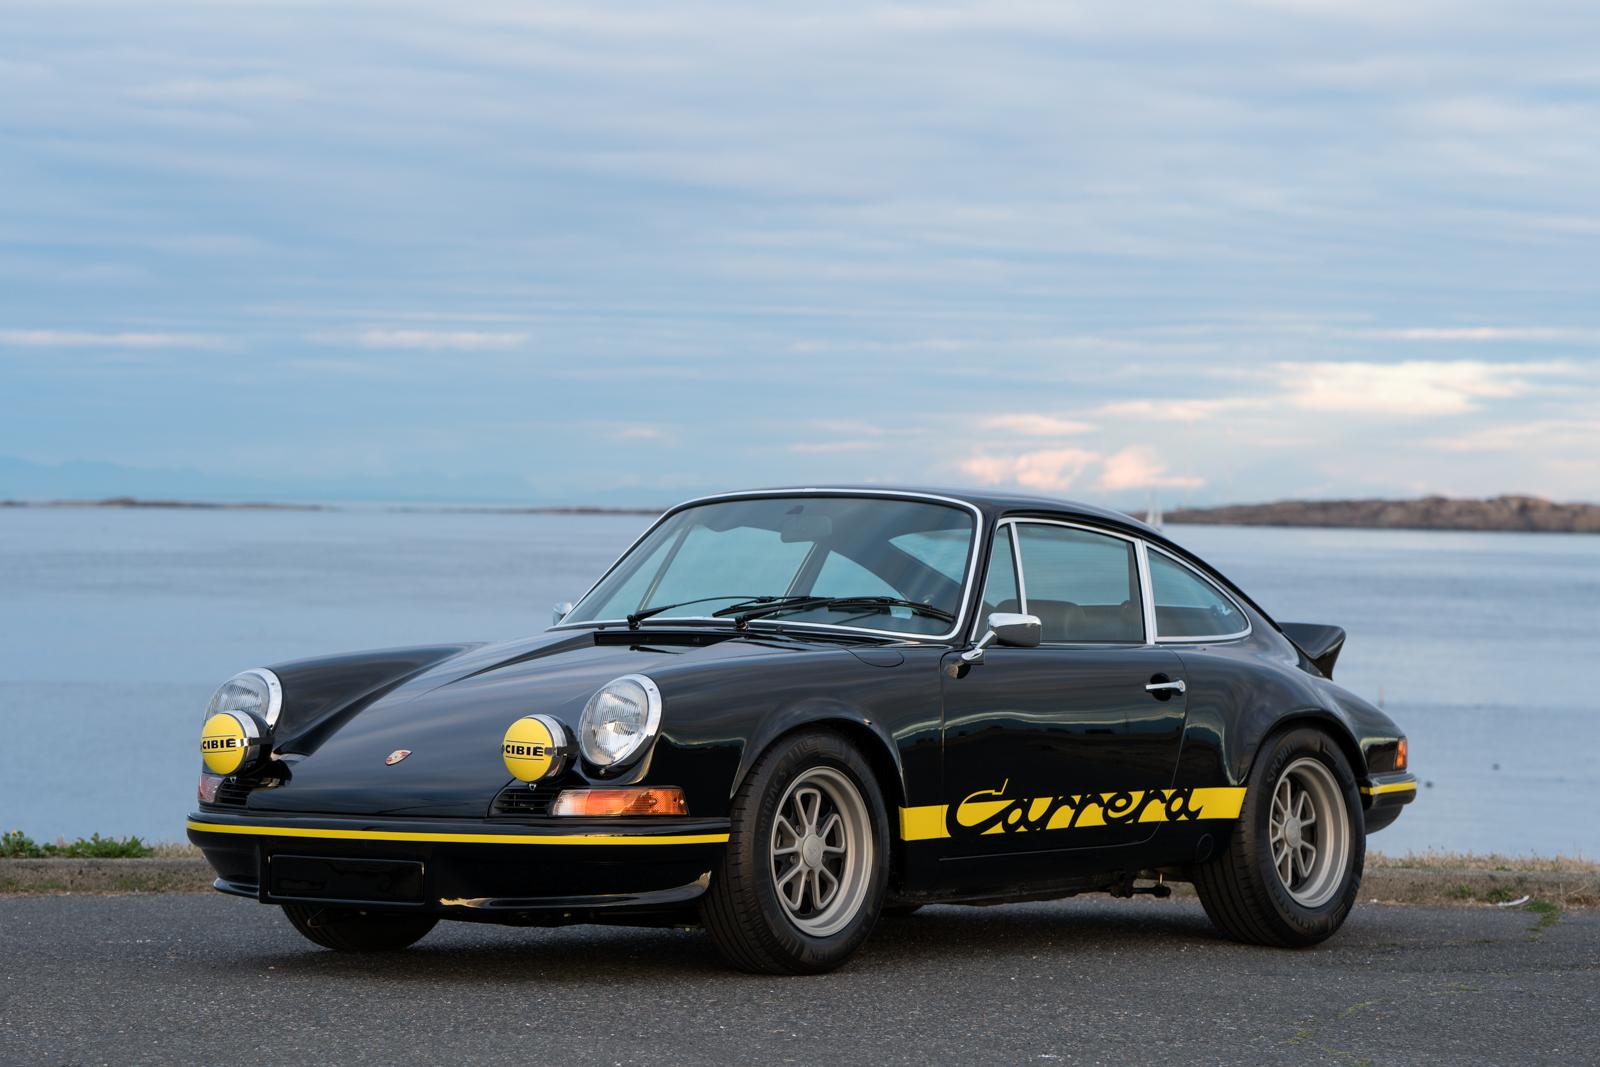 """1978 Porsche 911SC """"Carrera RS Tribute"""" for sale"""